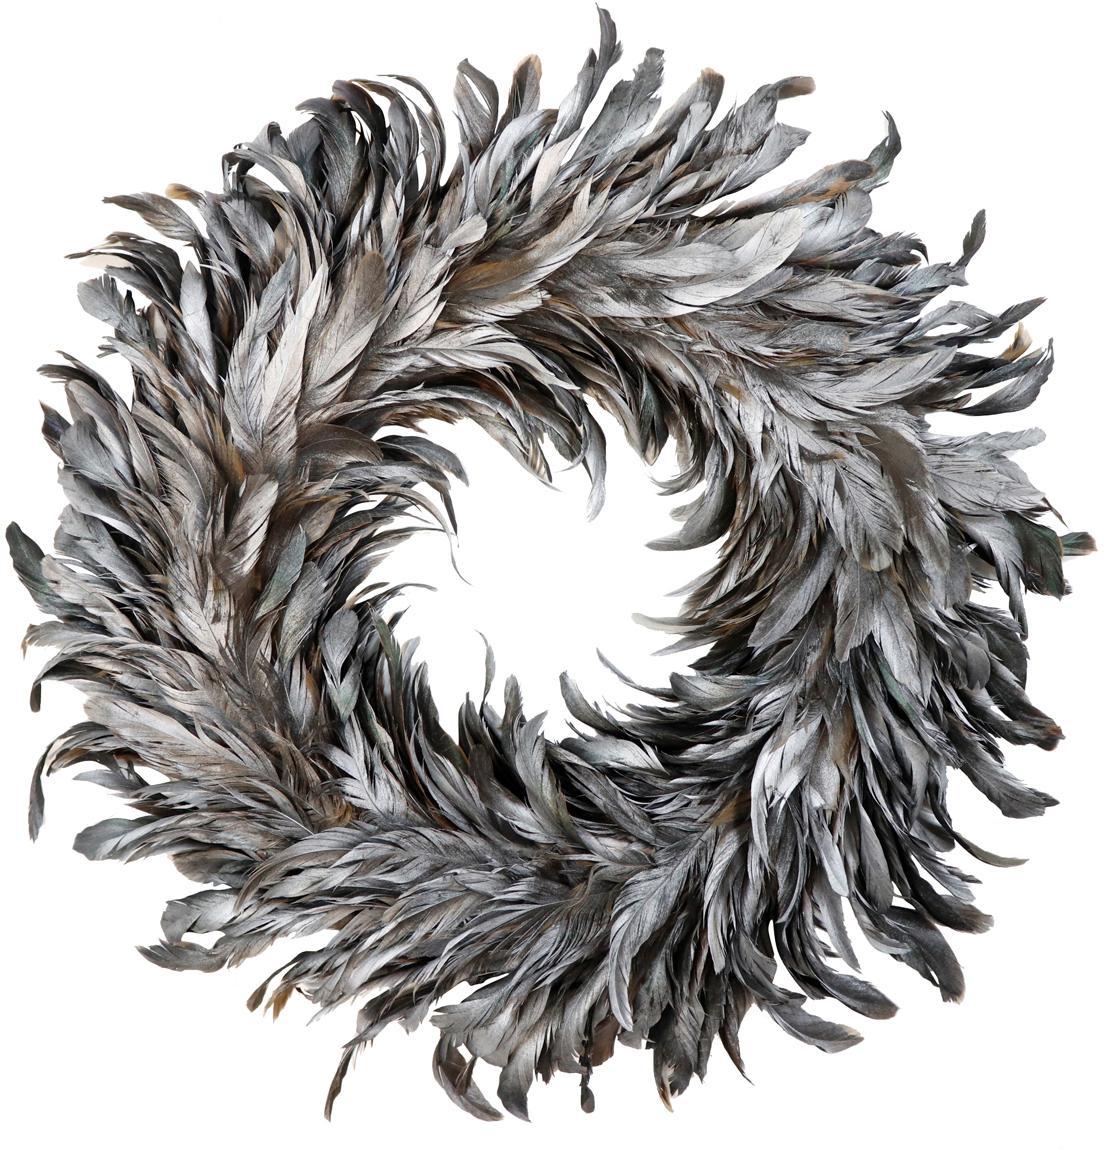 Wieniec dekoracyjny z piór Argento, Pióra, styropian, Szary, Ø 37 cm